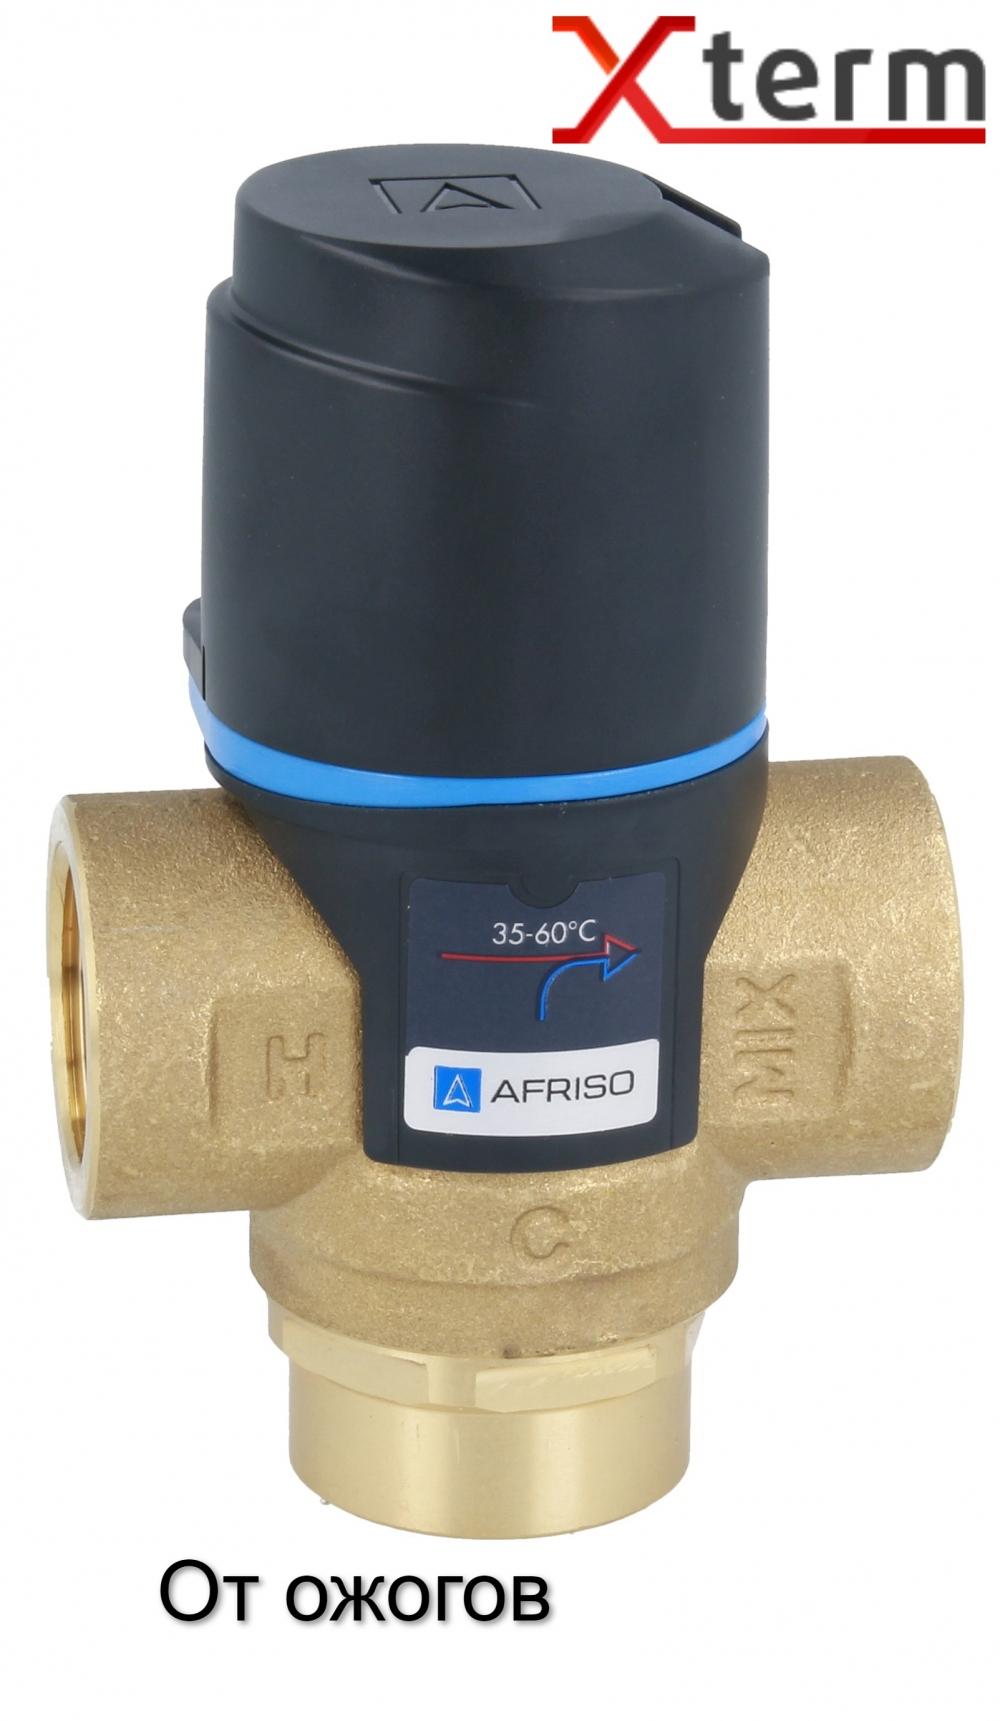 """Термостатический клапан 3/4"""" Afriso ATM333 с защитой от ожогов для ГВС T=35-60°C Rp 3/4"""" DN20 Kvs 1,6 1233310 - 5"""